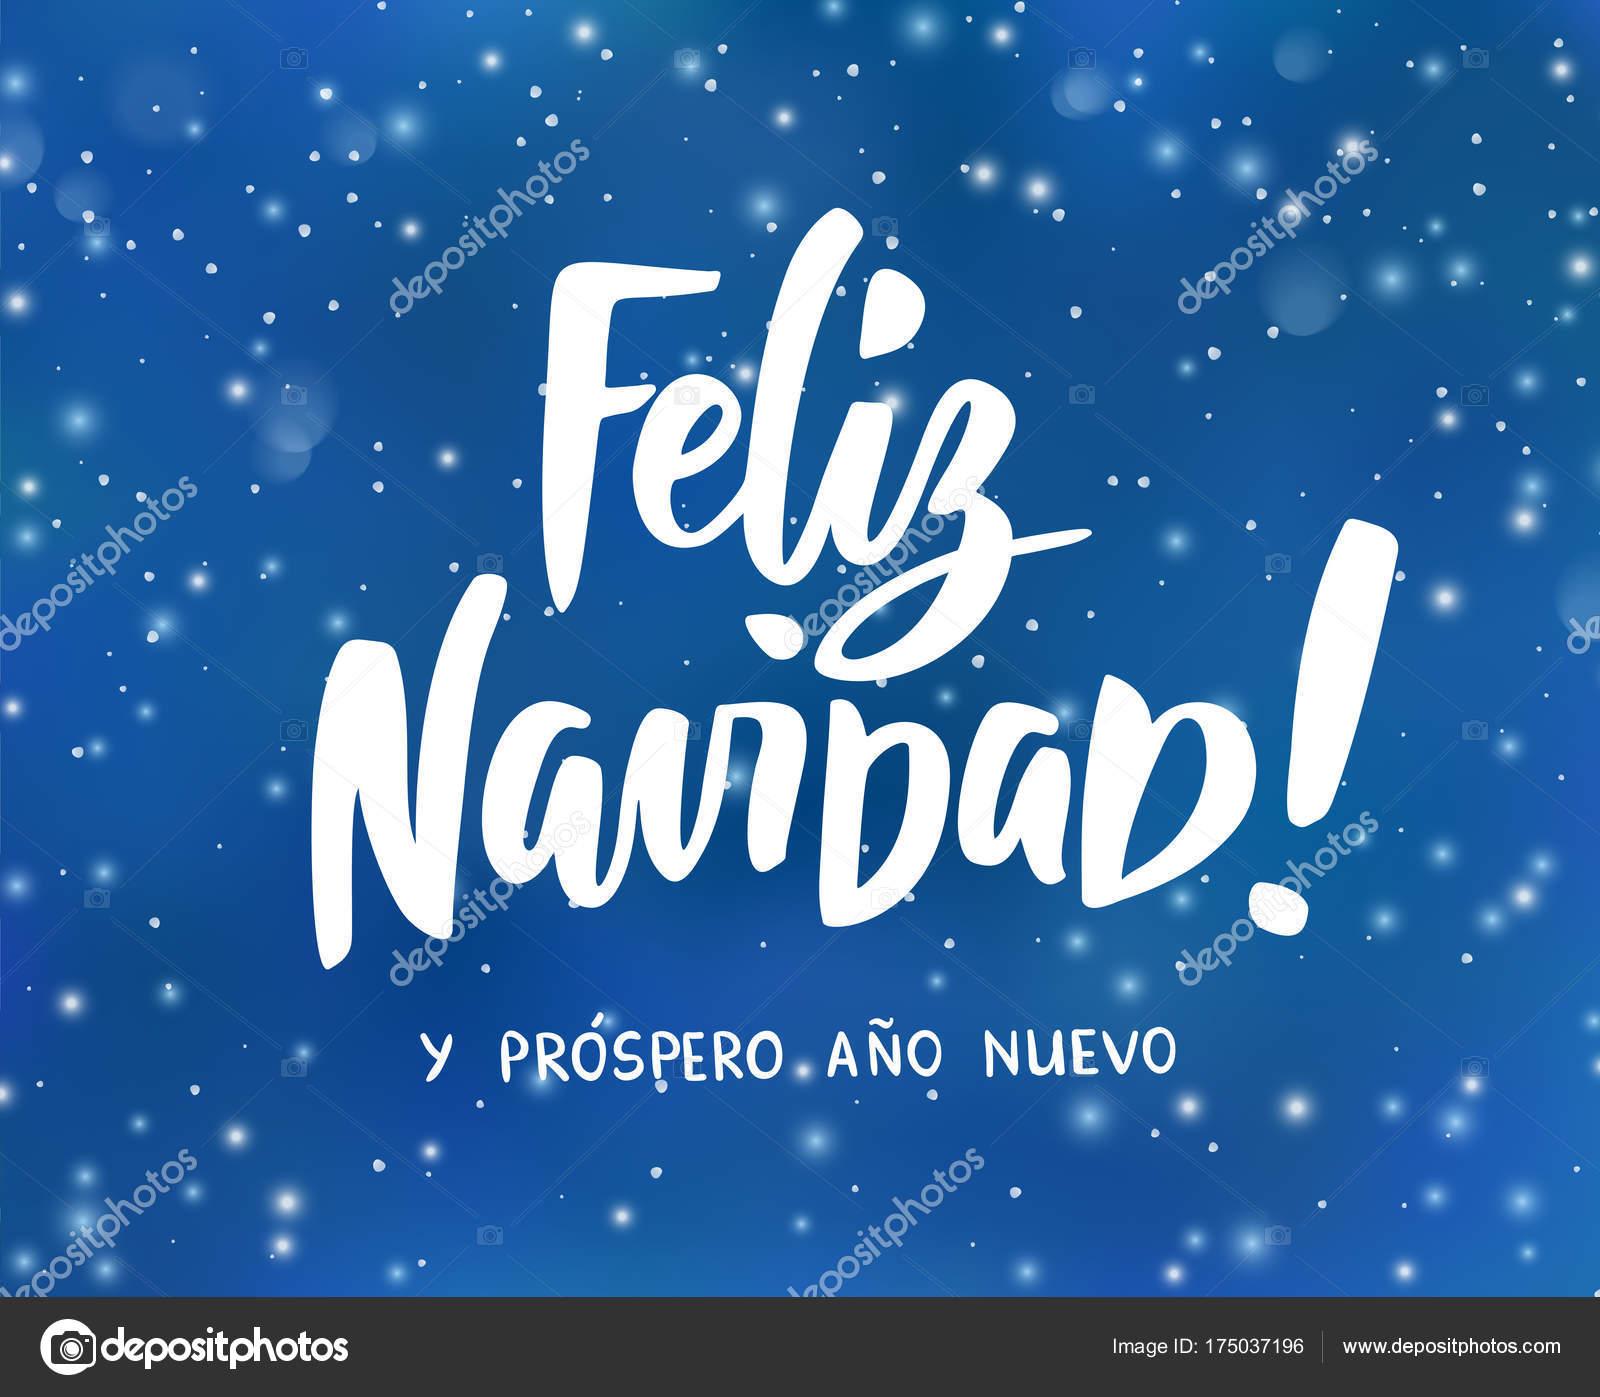 Feliz Navidad Y Prospero Ano Nuevo Spanish Merry Christmas And